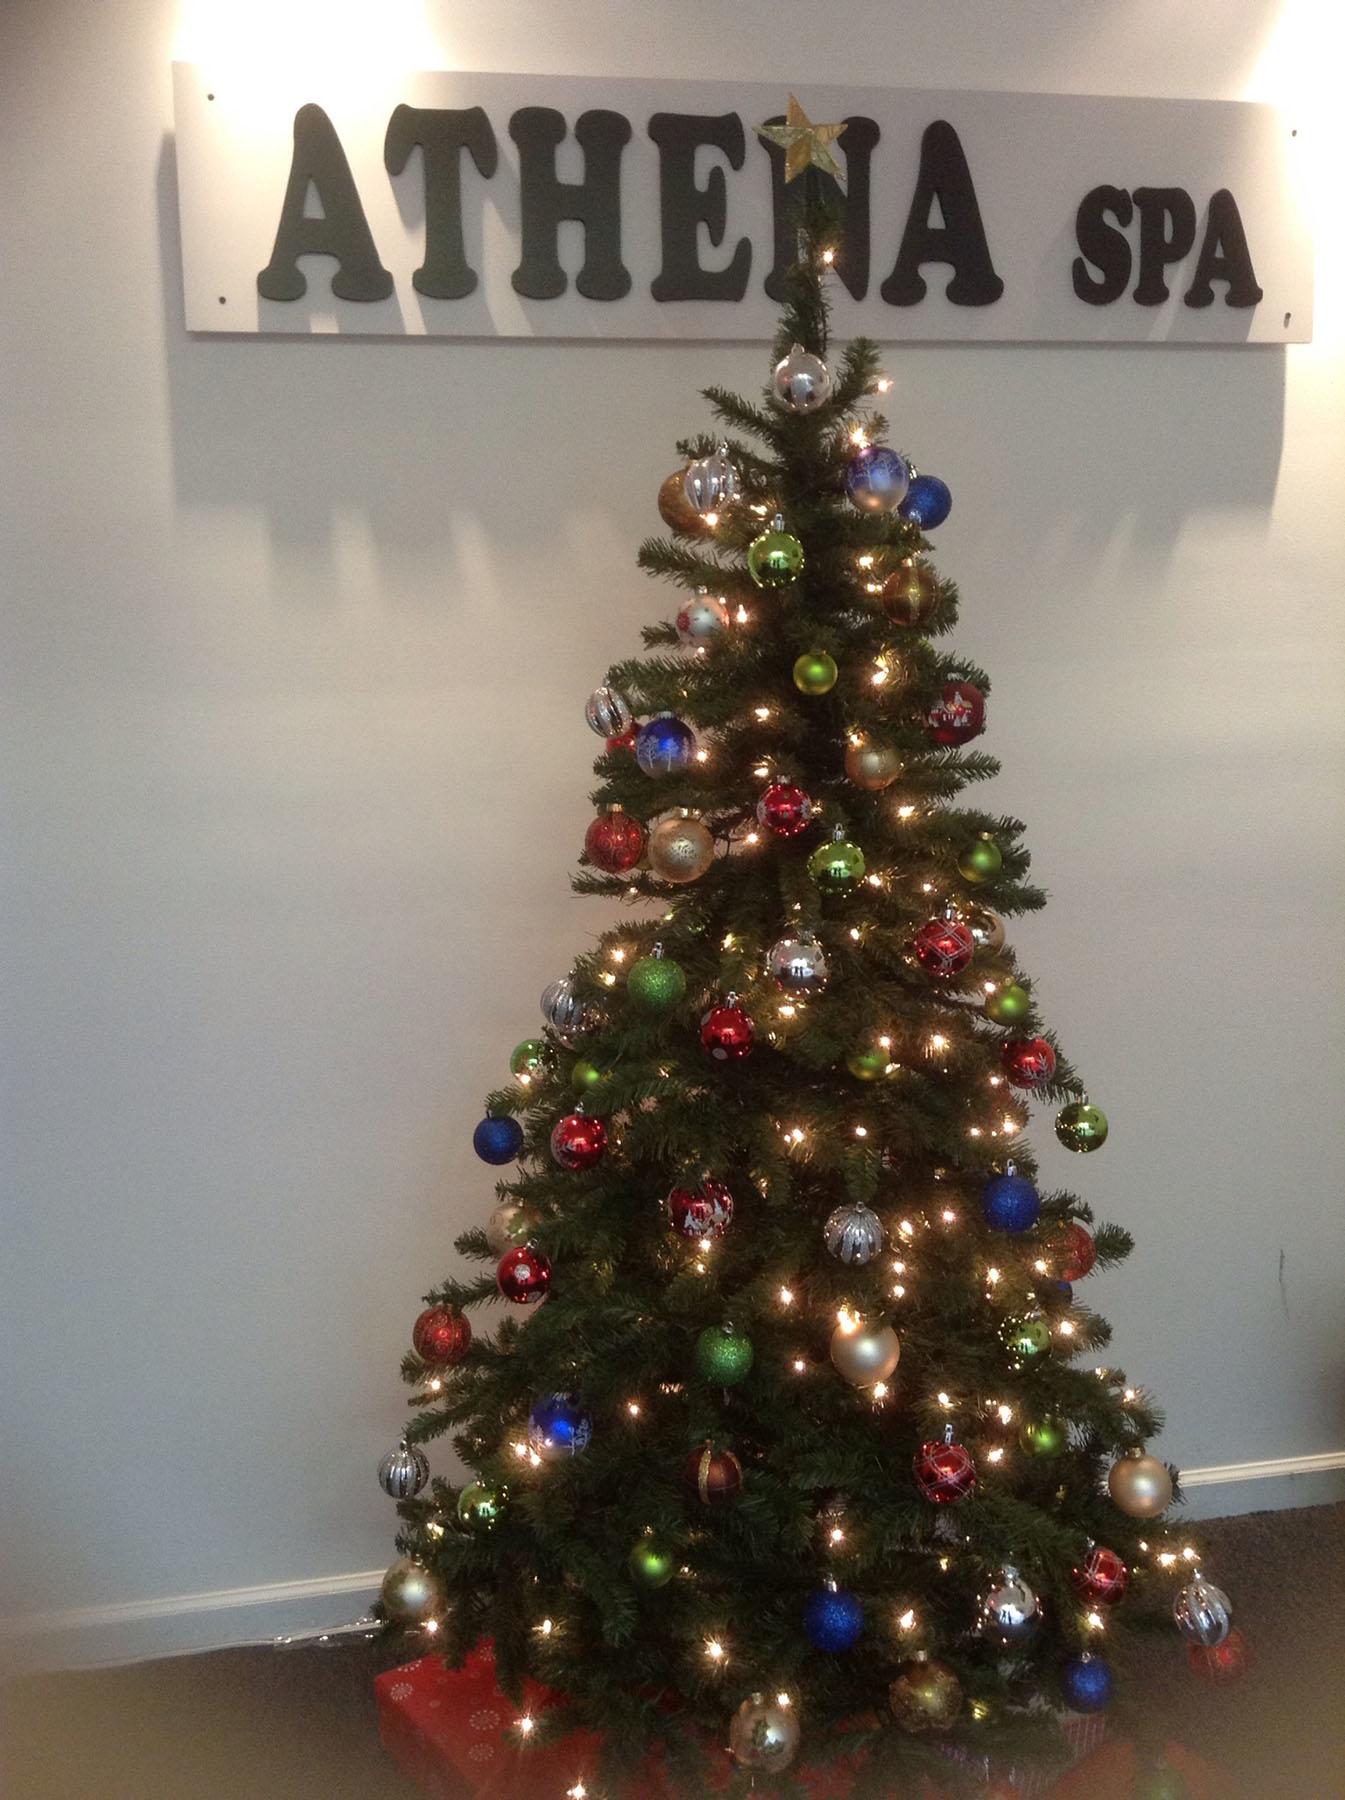 Athena Spa